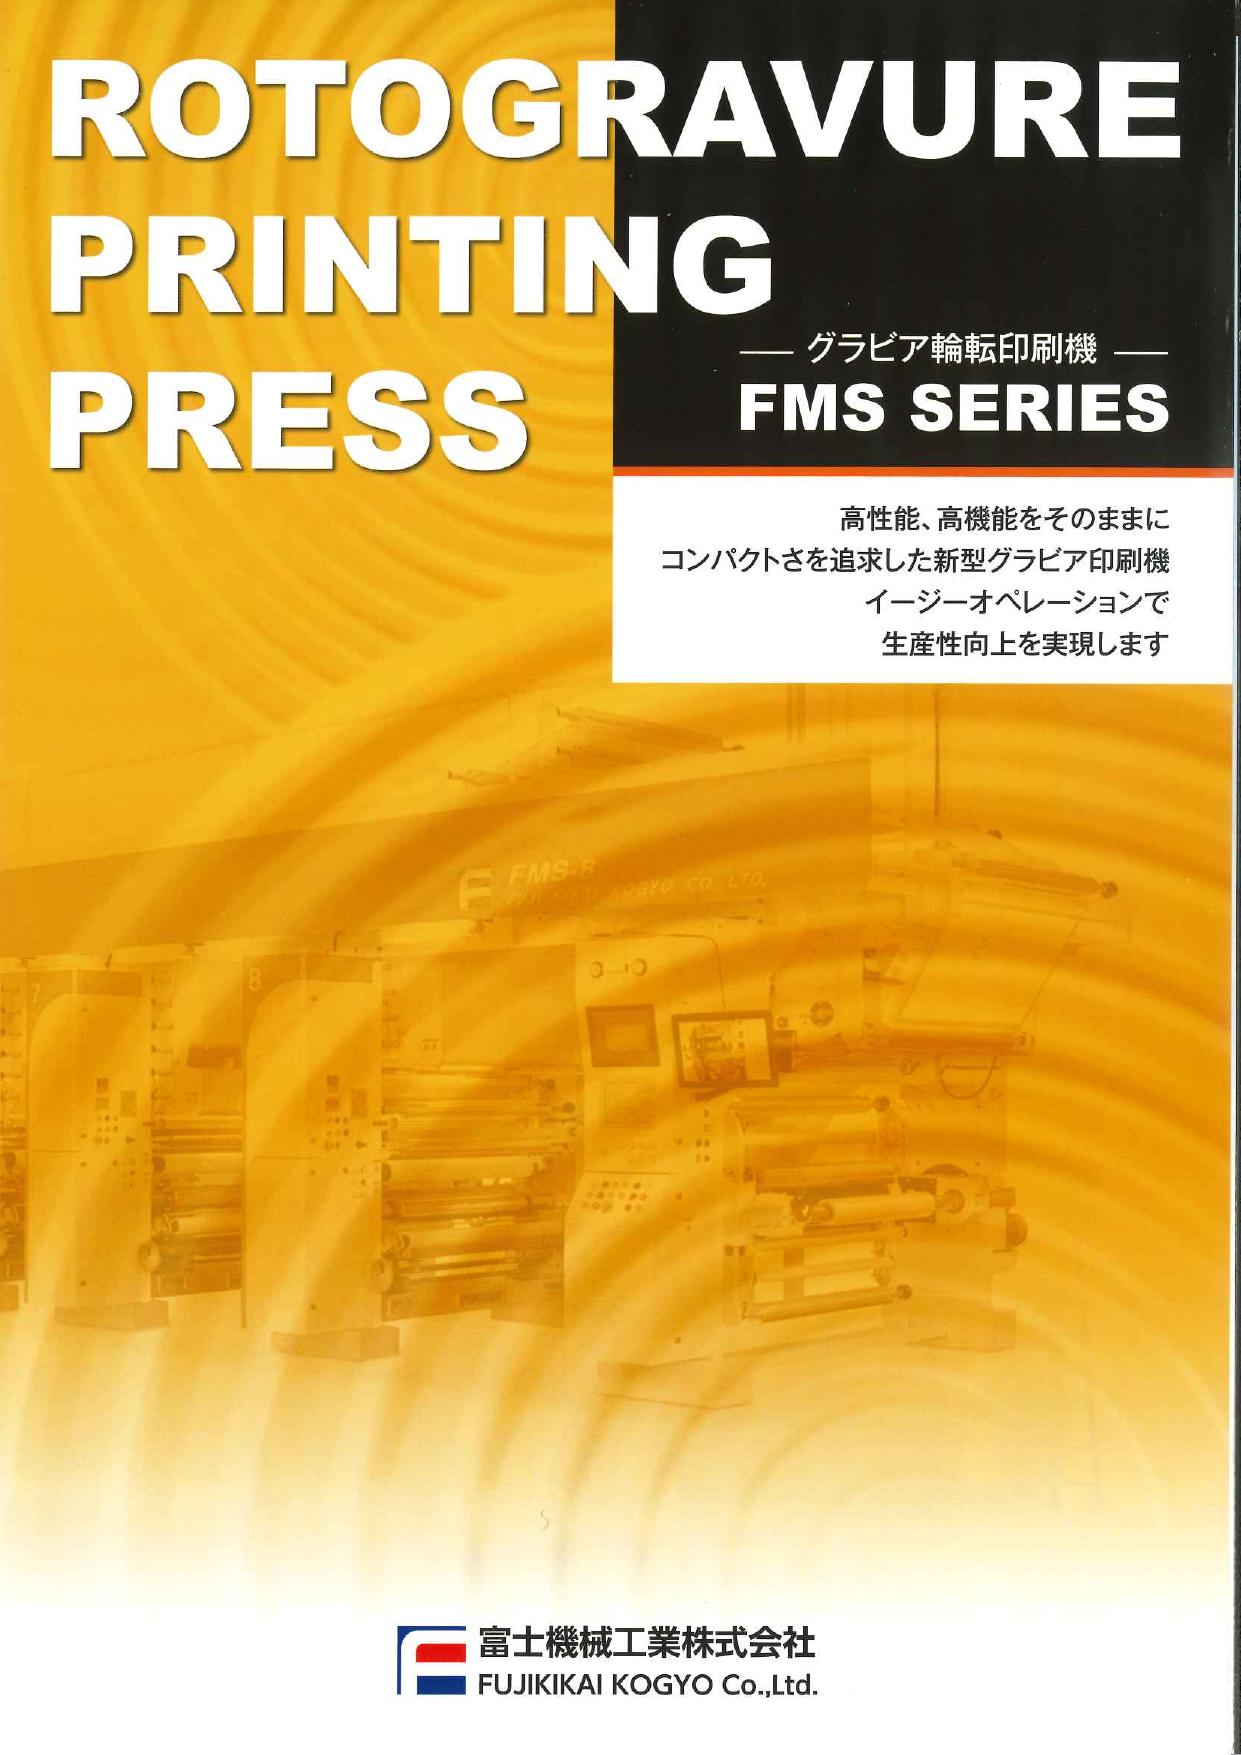 グラビア輪転印刷機 FMSシリーズ